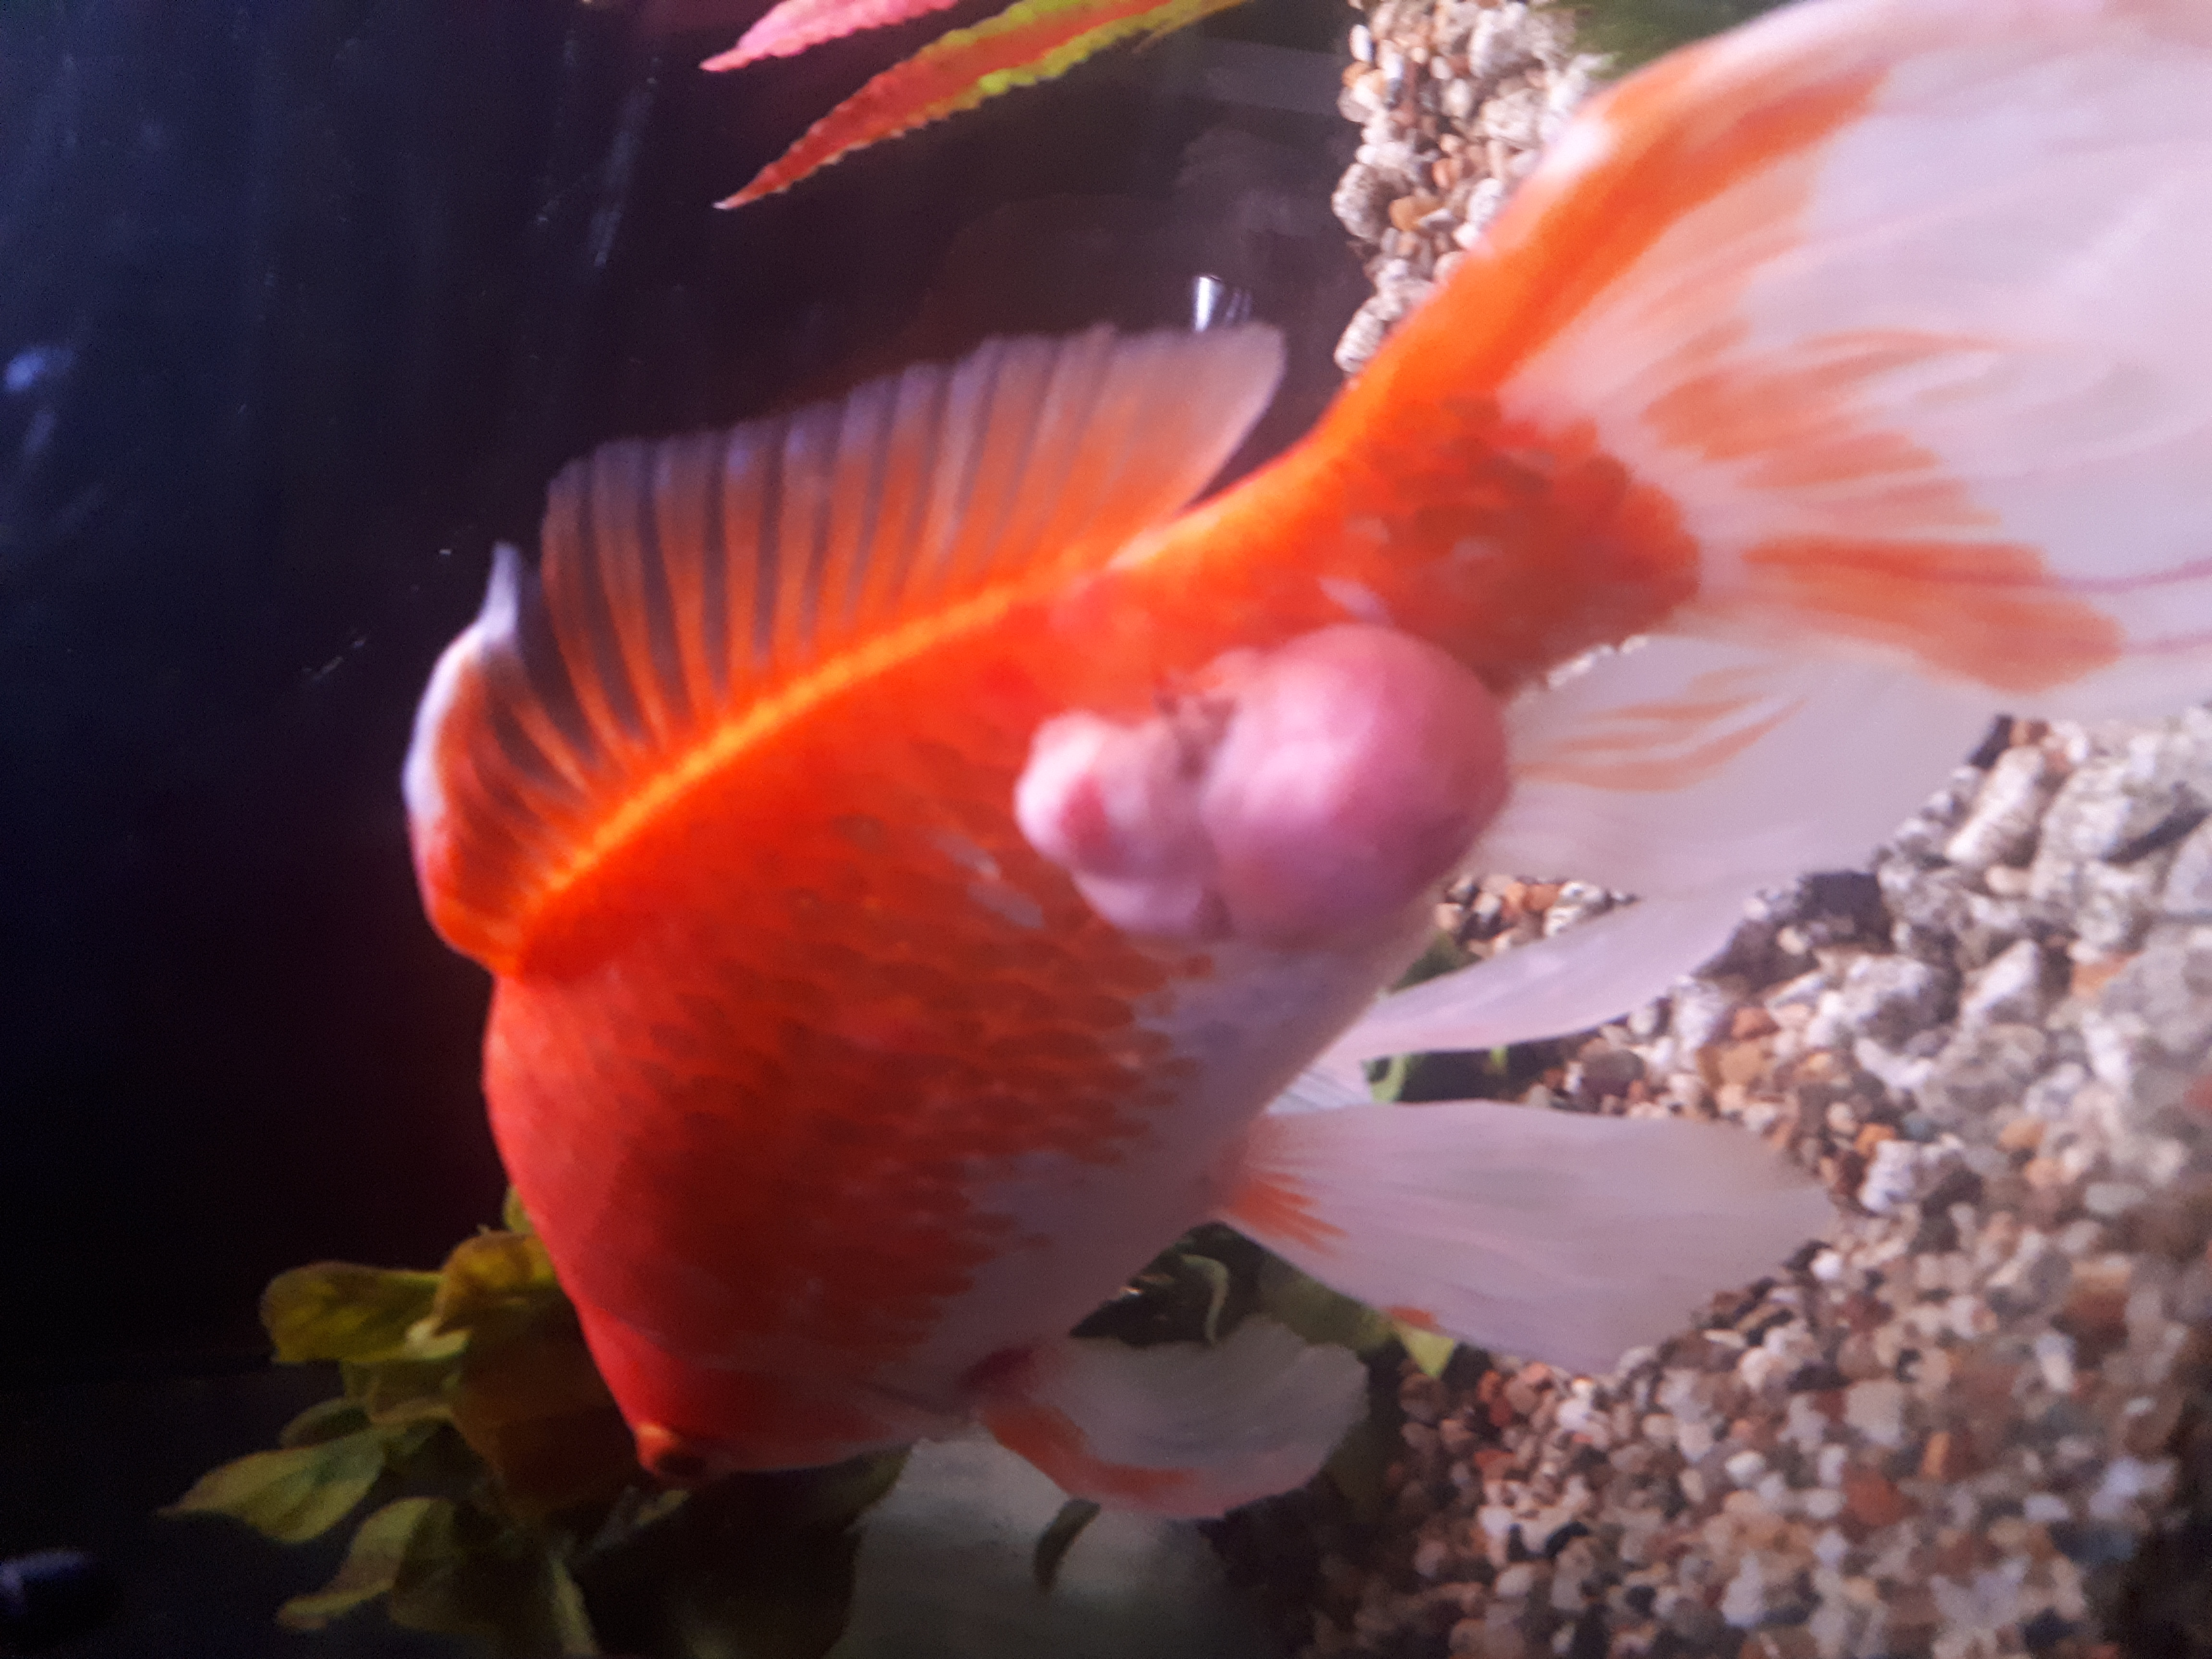 Tumore escrescenza pesce rosso pesci forum animali for Pesce rosso razza